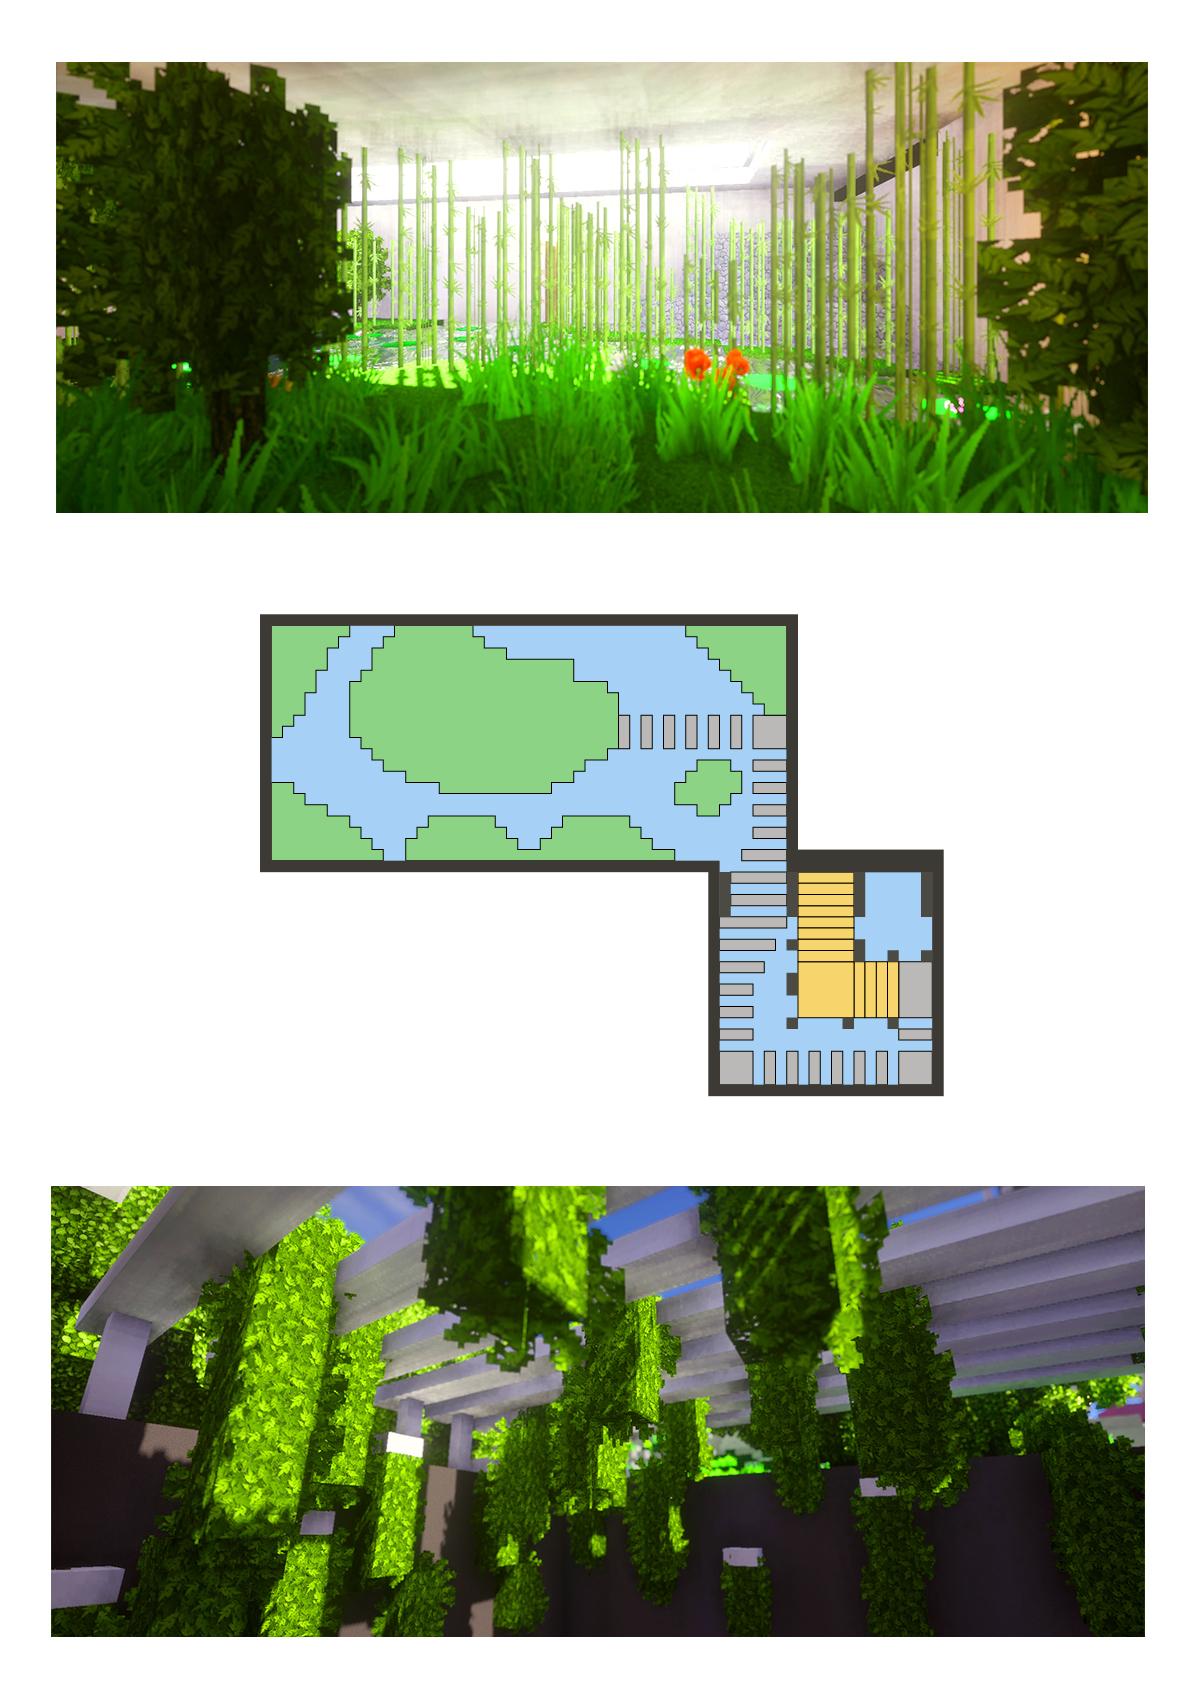 【我的别墅现代建筑群】海岛联系别墅--源梦岛设计师世界度假成都怎么图片